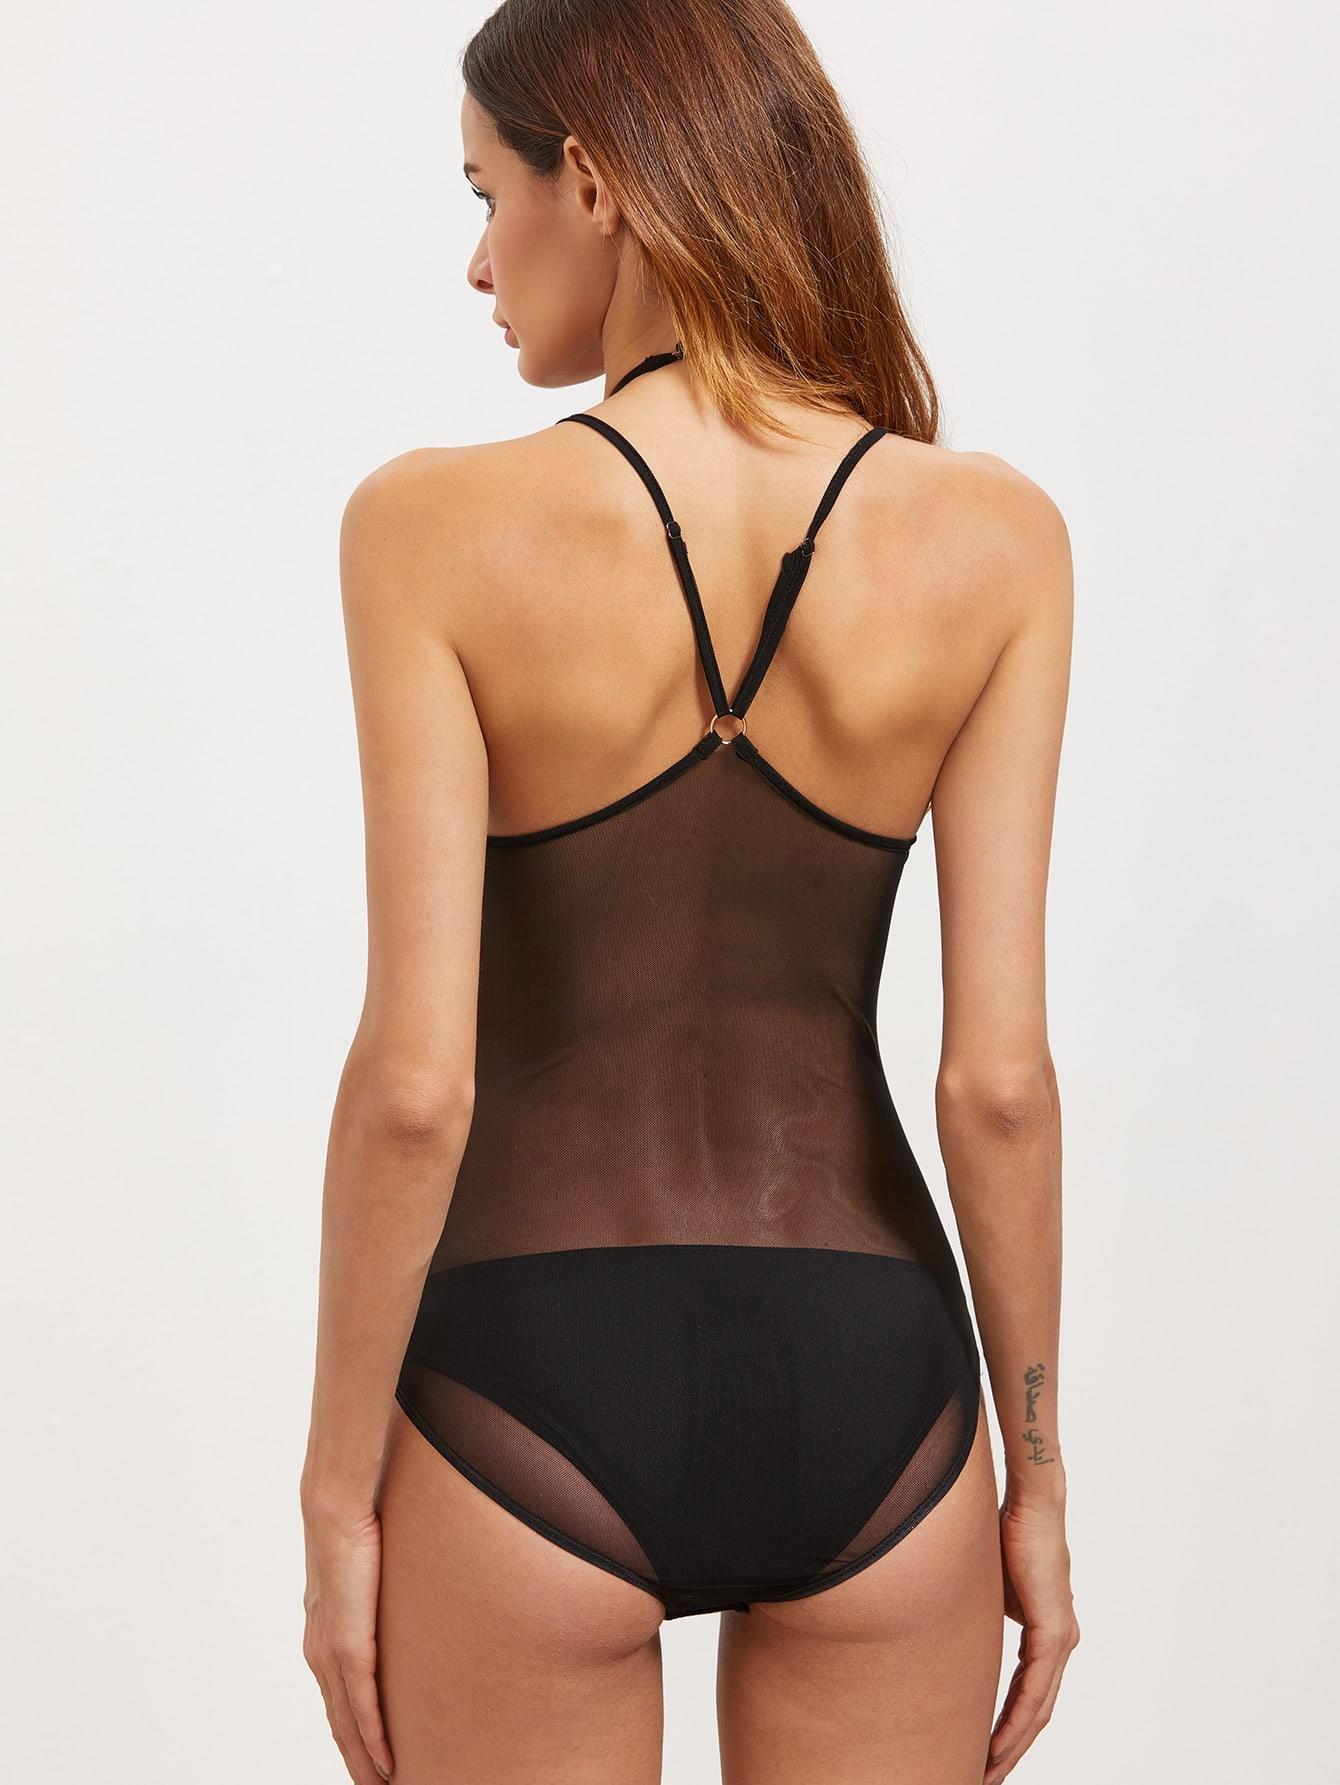 bodysuit161227701_2